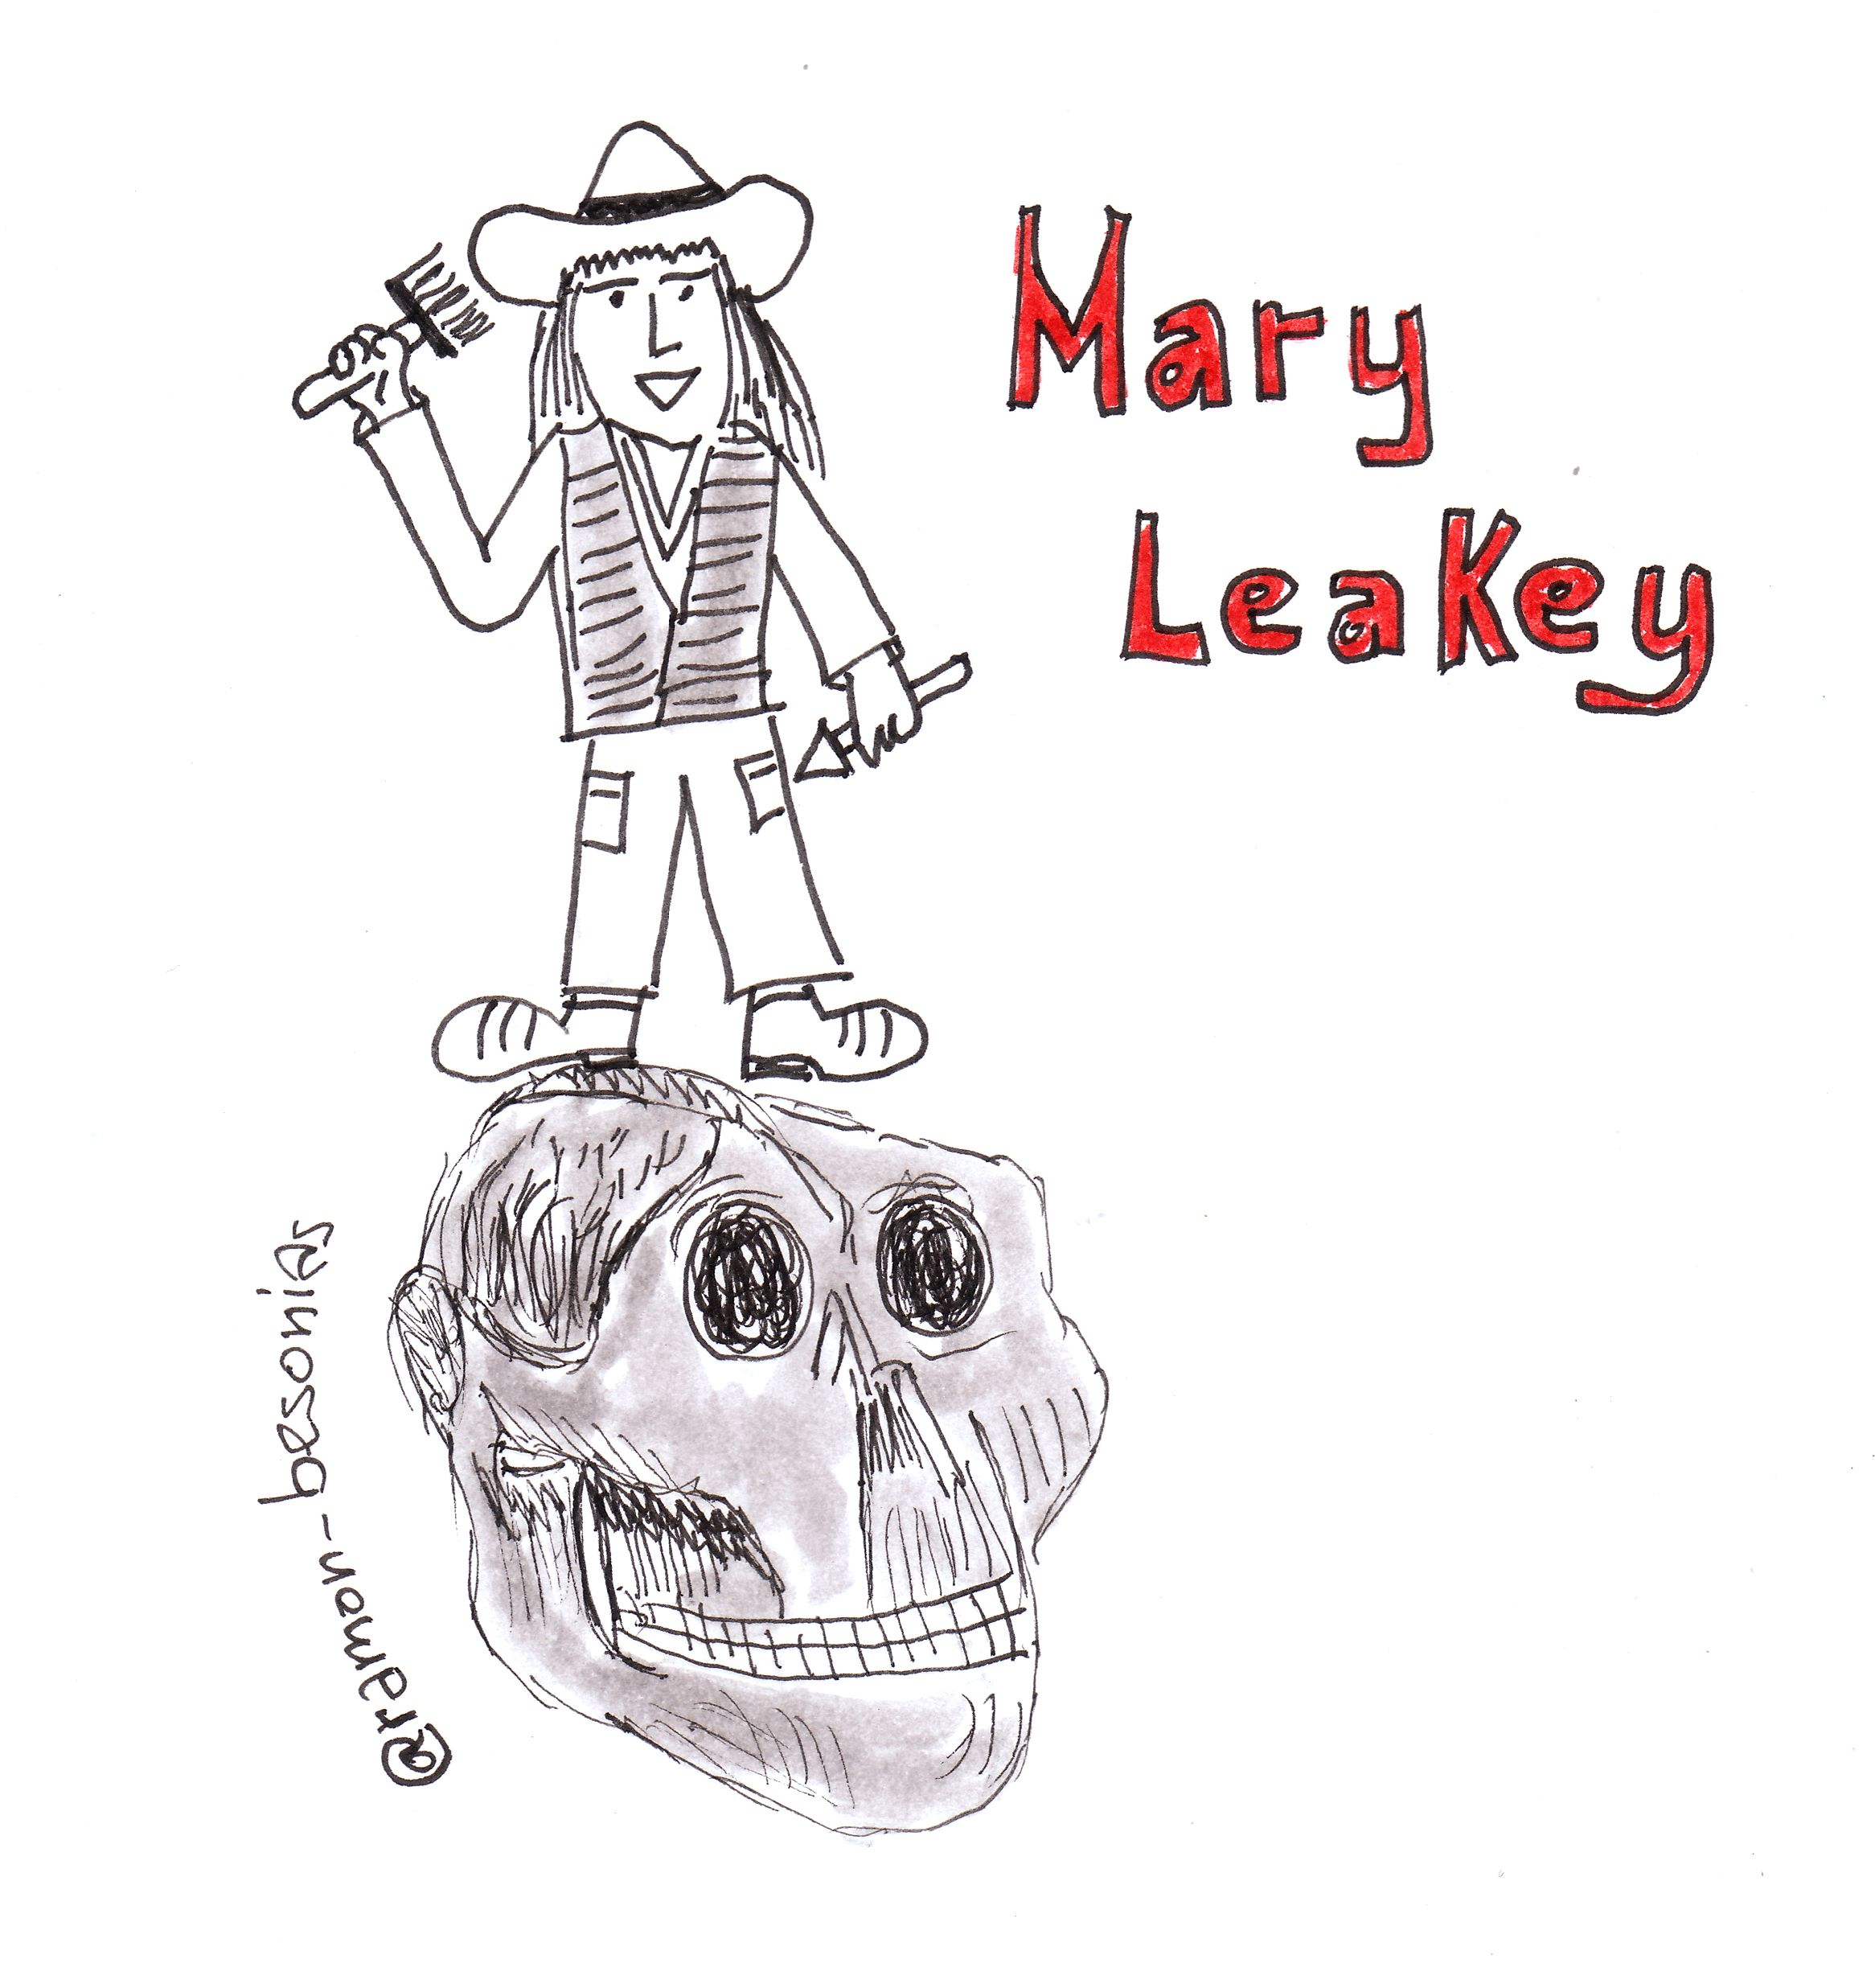 Un 6 de febrero nacía Mary Leakey. Su madre la llevó a un convento del que se escaparía para realizar su sueño: ser arqueóloga. Entre sus logros: el primer cráneo de un simio fósil en la Isla Rusinga, un cráneo de Australopithecus boisei de 1.75 millones de años de antigüedad y desenterrar las huellas de Laetoli.  La figura popular del arqueólogo, como otras muchas, es eminentemente masculina. Mary Leakey rompió estereotipos y de paso nos ayudó a encontrar nuestras raíces.